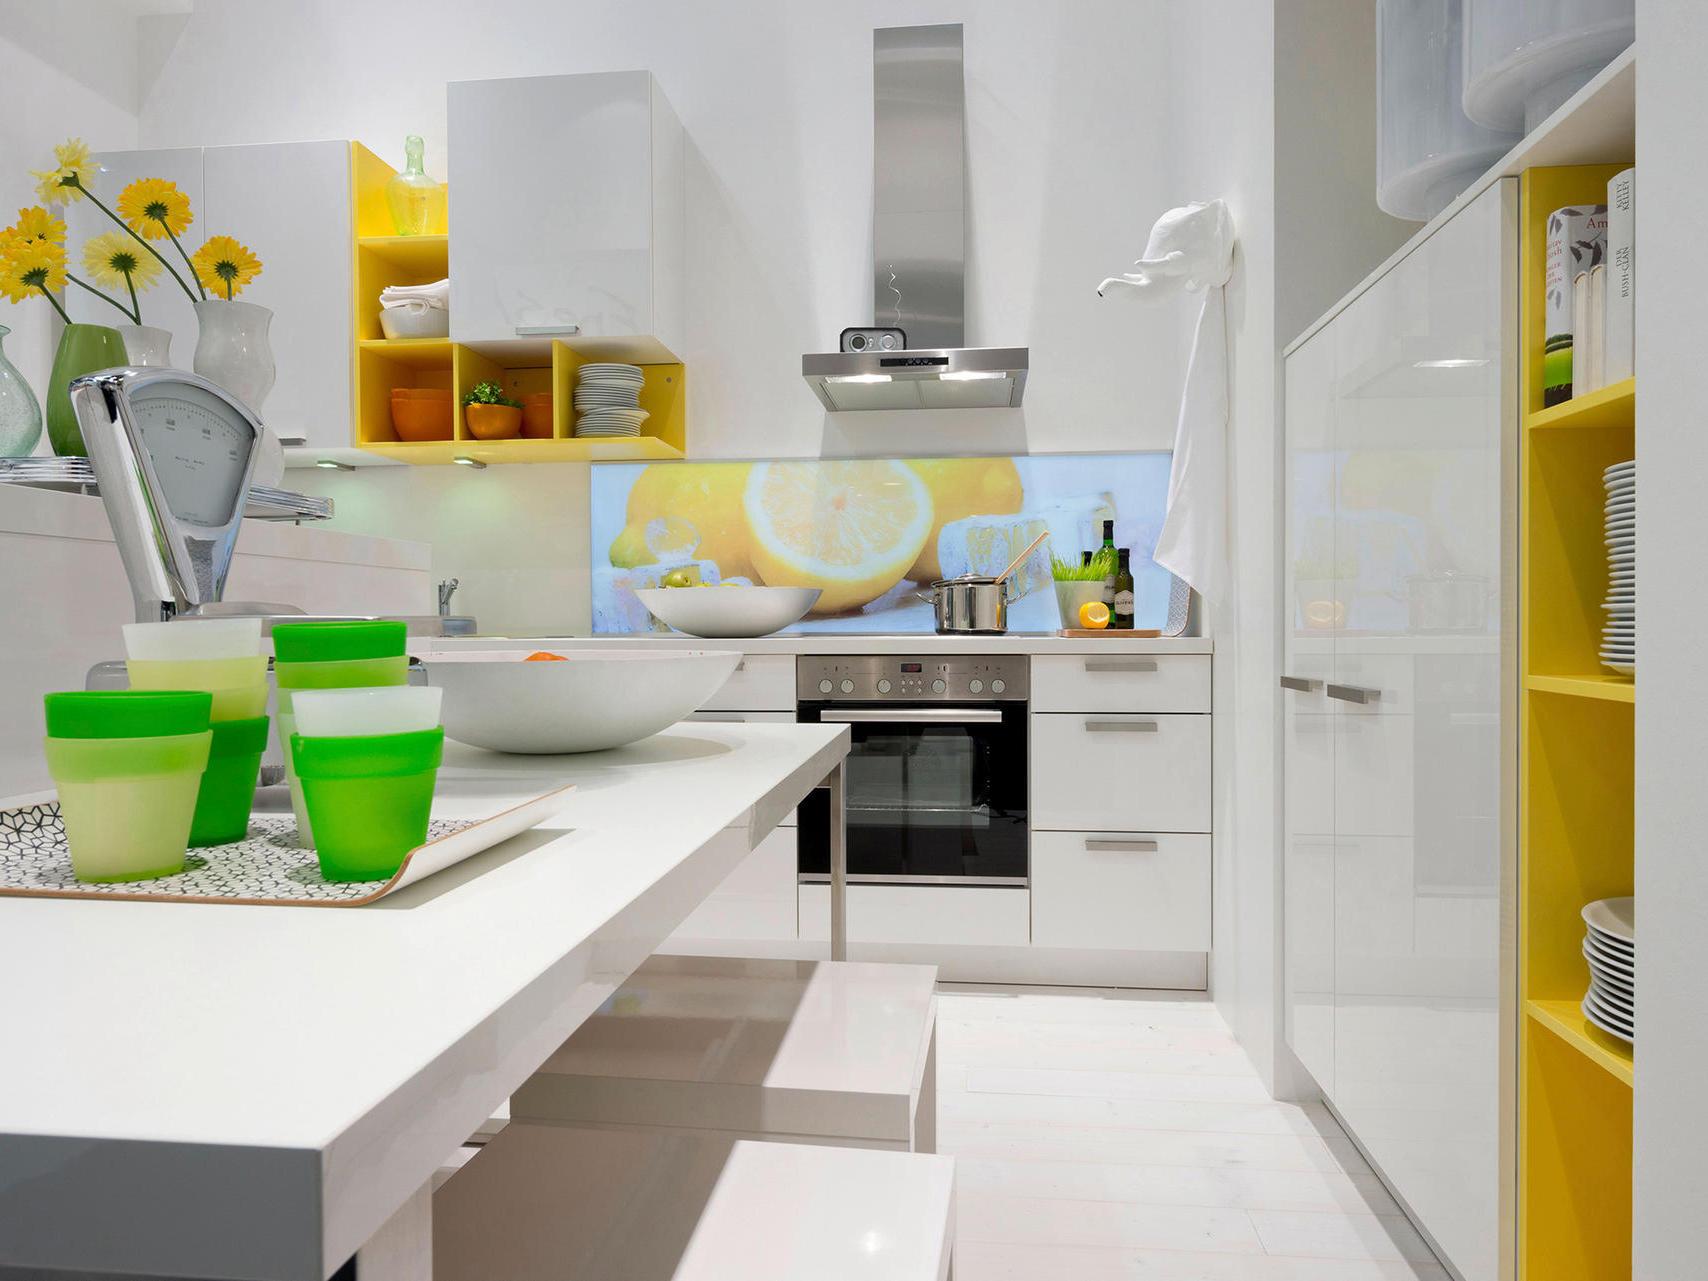 Full Size of Fliesenspiegel In Der Kche Das Sind Alternativen Moderne Deckenleuchte Wohnzimmer Bett Modern Design Küche Selber Machen Modernes Sofa Glas Deckenlampen Wohnzimmer Fliesenspiegel Modern